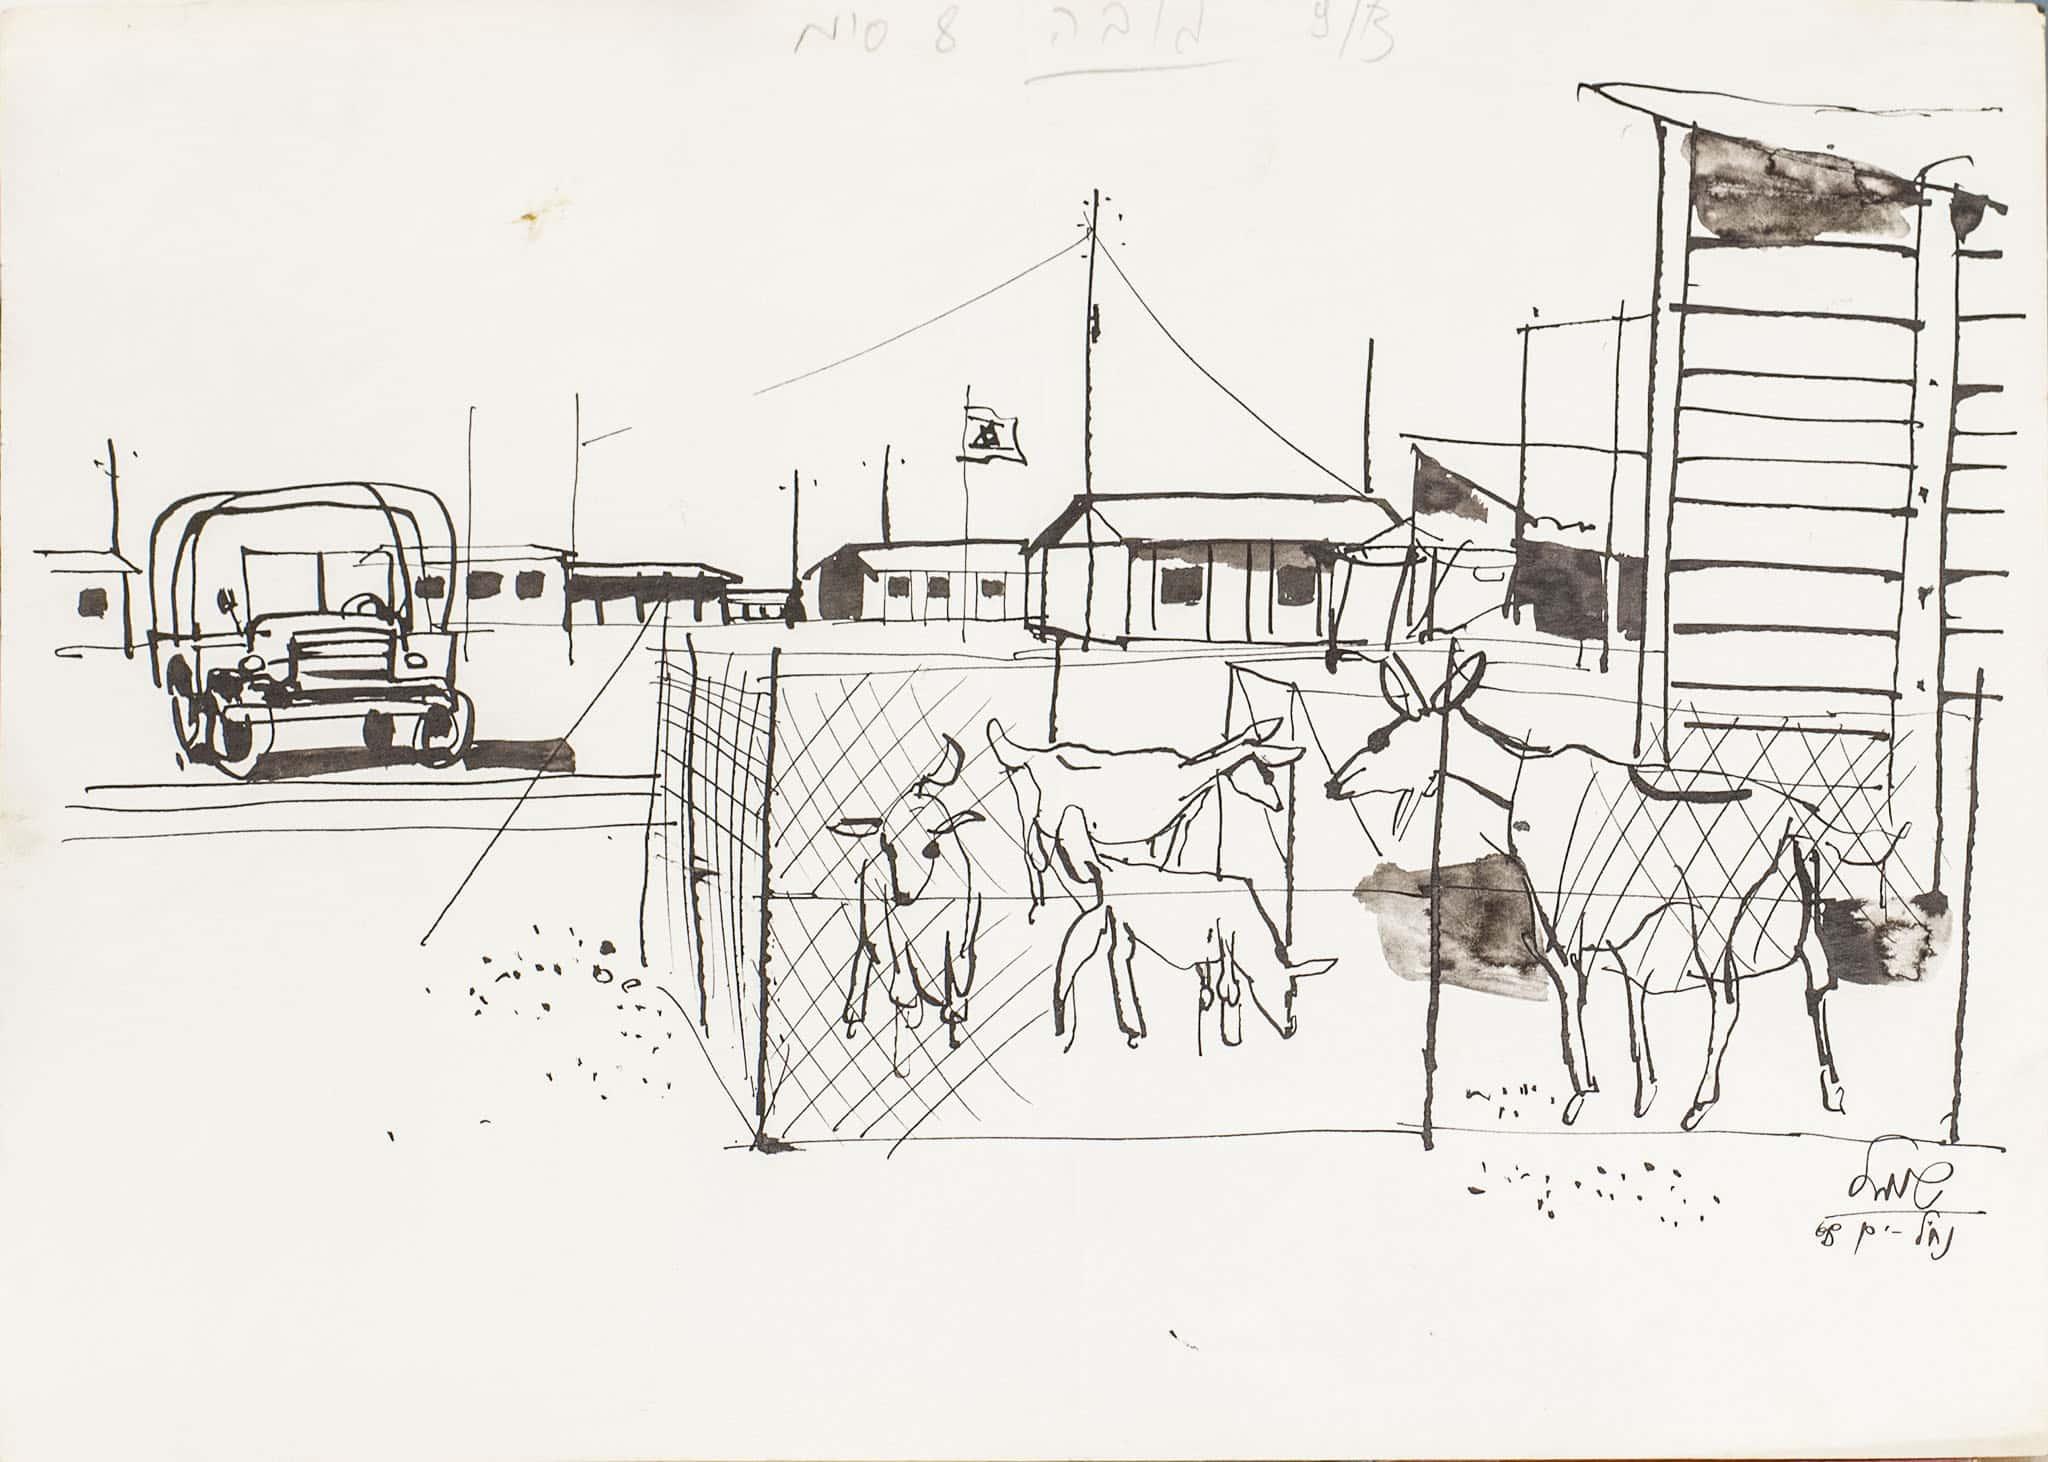 """שמואל כץ, """"נח""""ל ים"""", 1968, דיו על נייר, 35x25 ס""""מ"""